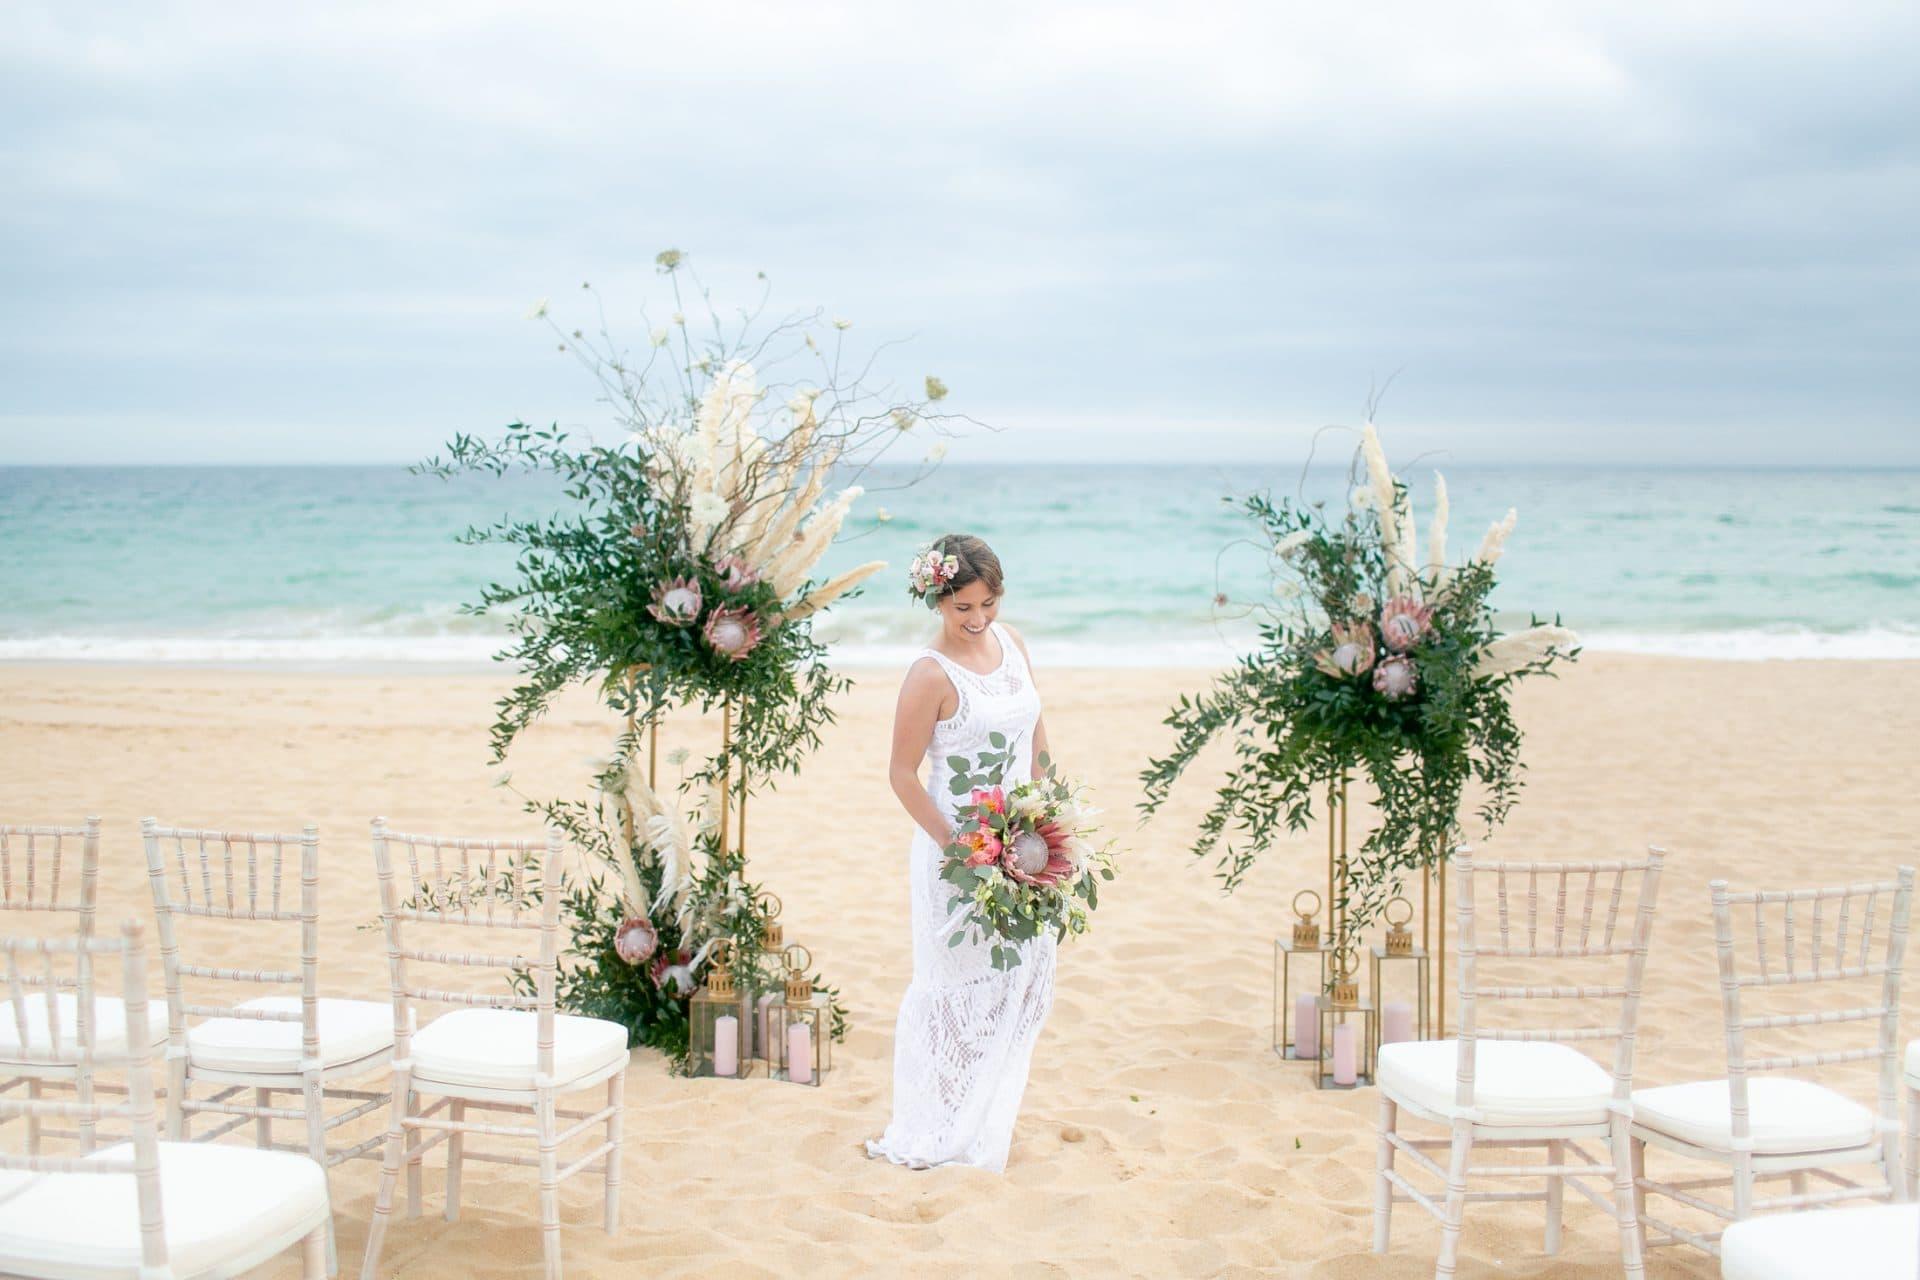 weddings-vidamar-hotels-resorts-algarve-31